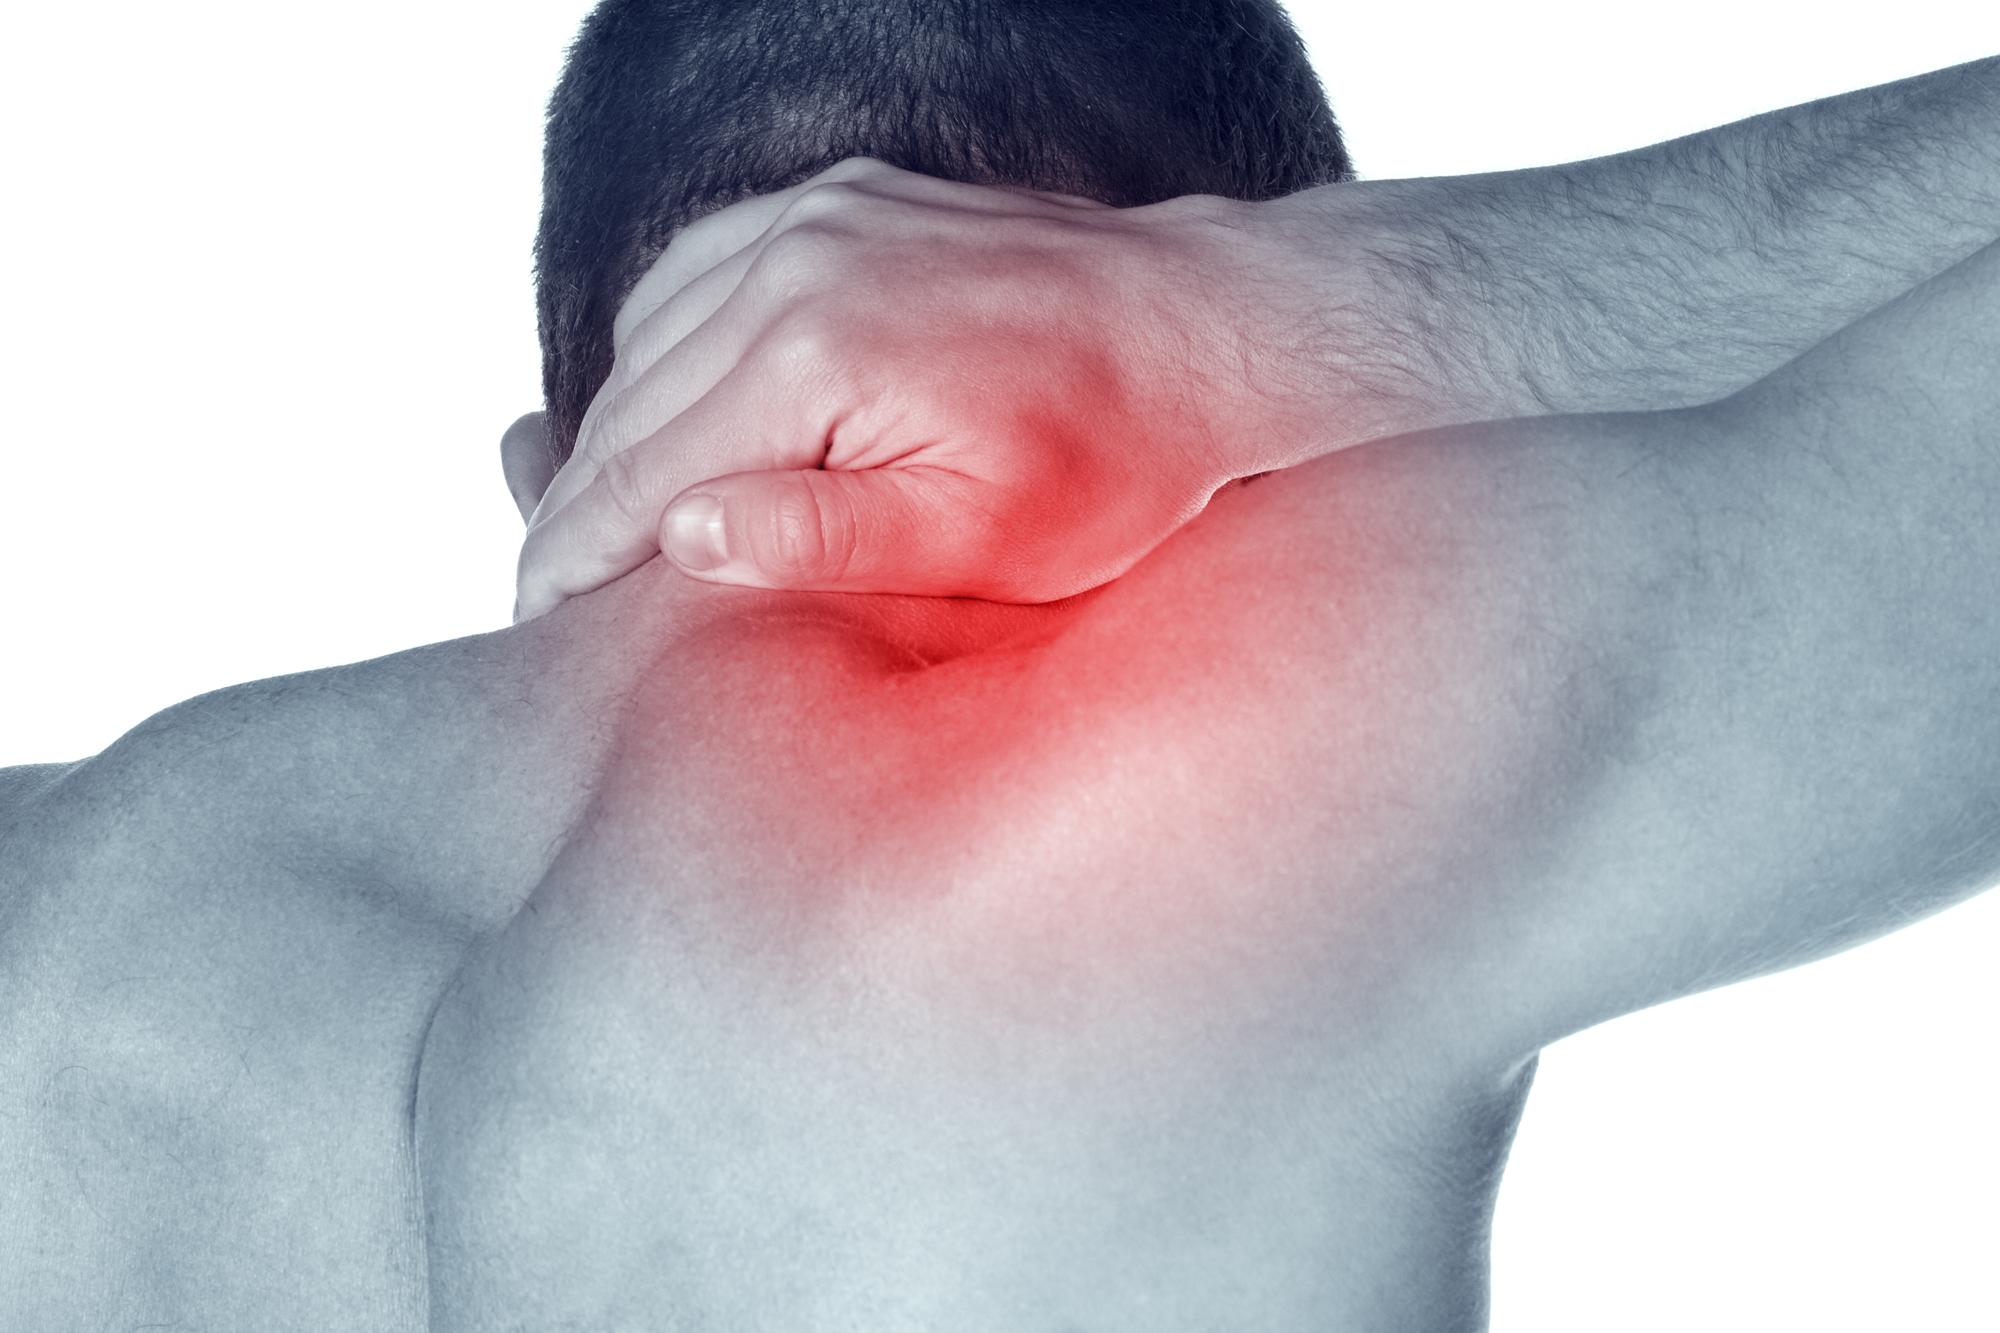 Болезненные ощущения в мышцах